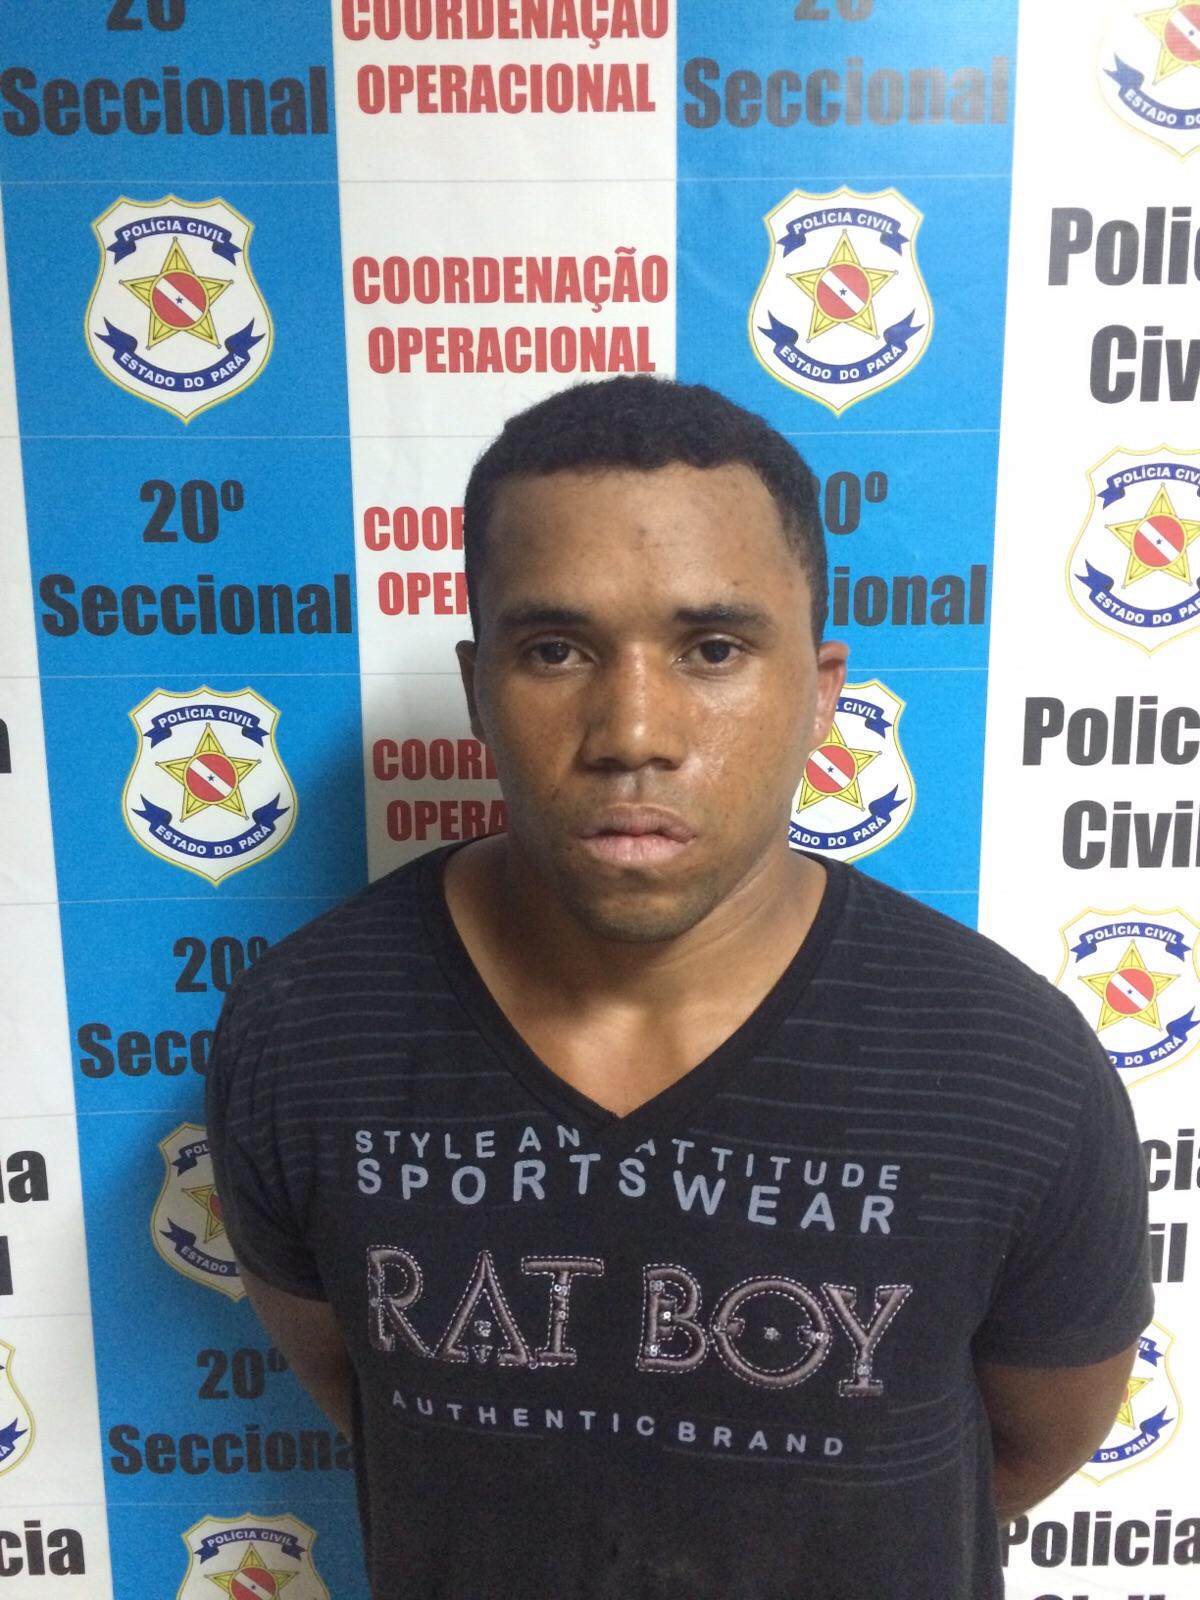 Parauapebas : Policia Civil prende estrupador do retrato falado